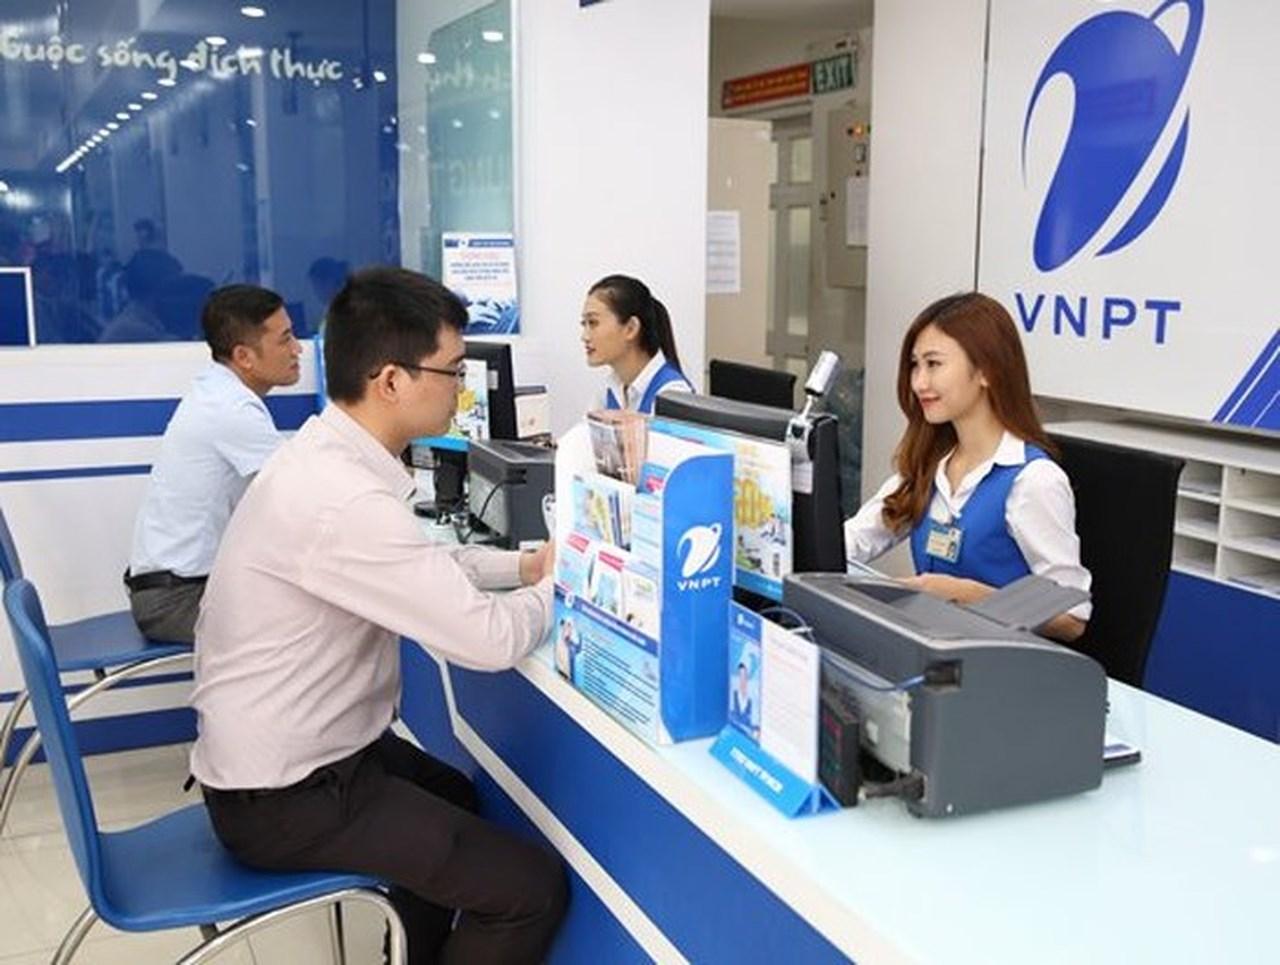 Cập nhật thông tin mới từ VinaPhone về việc chuyển 2,3 triệu SIM 0127 thành 081